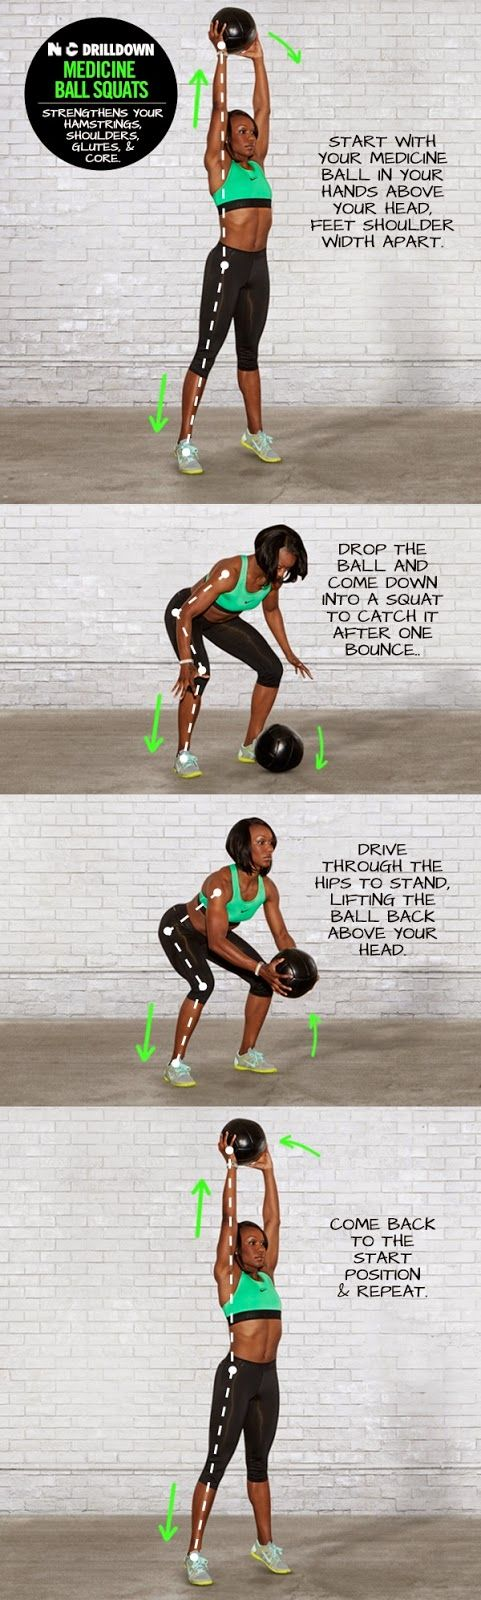 medicine ball squats